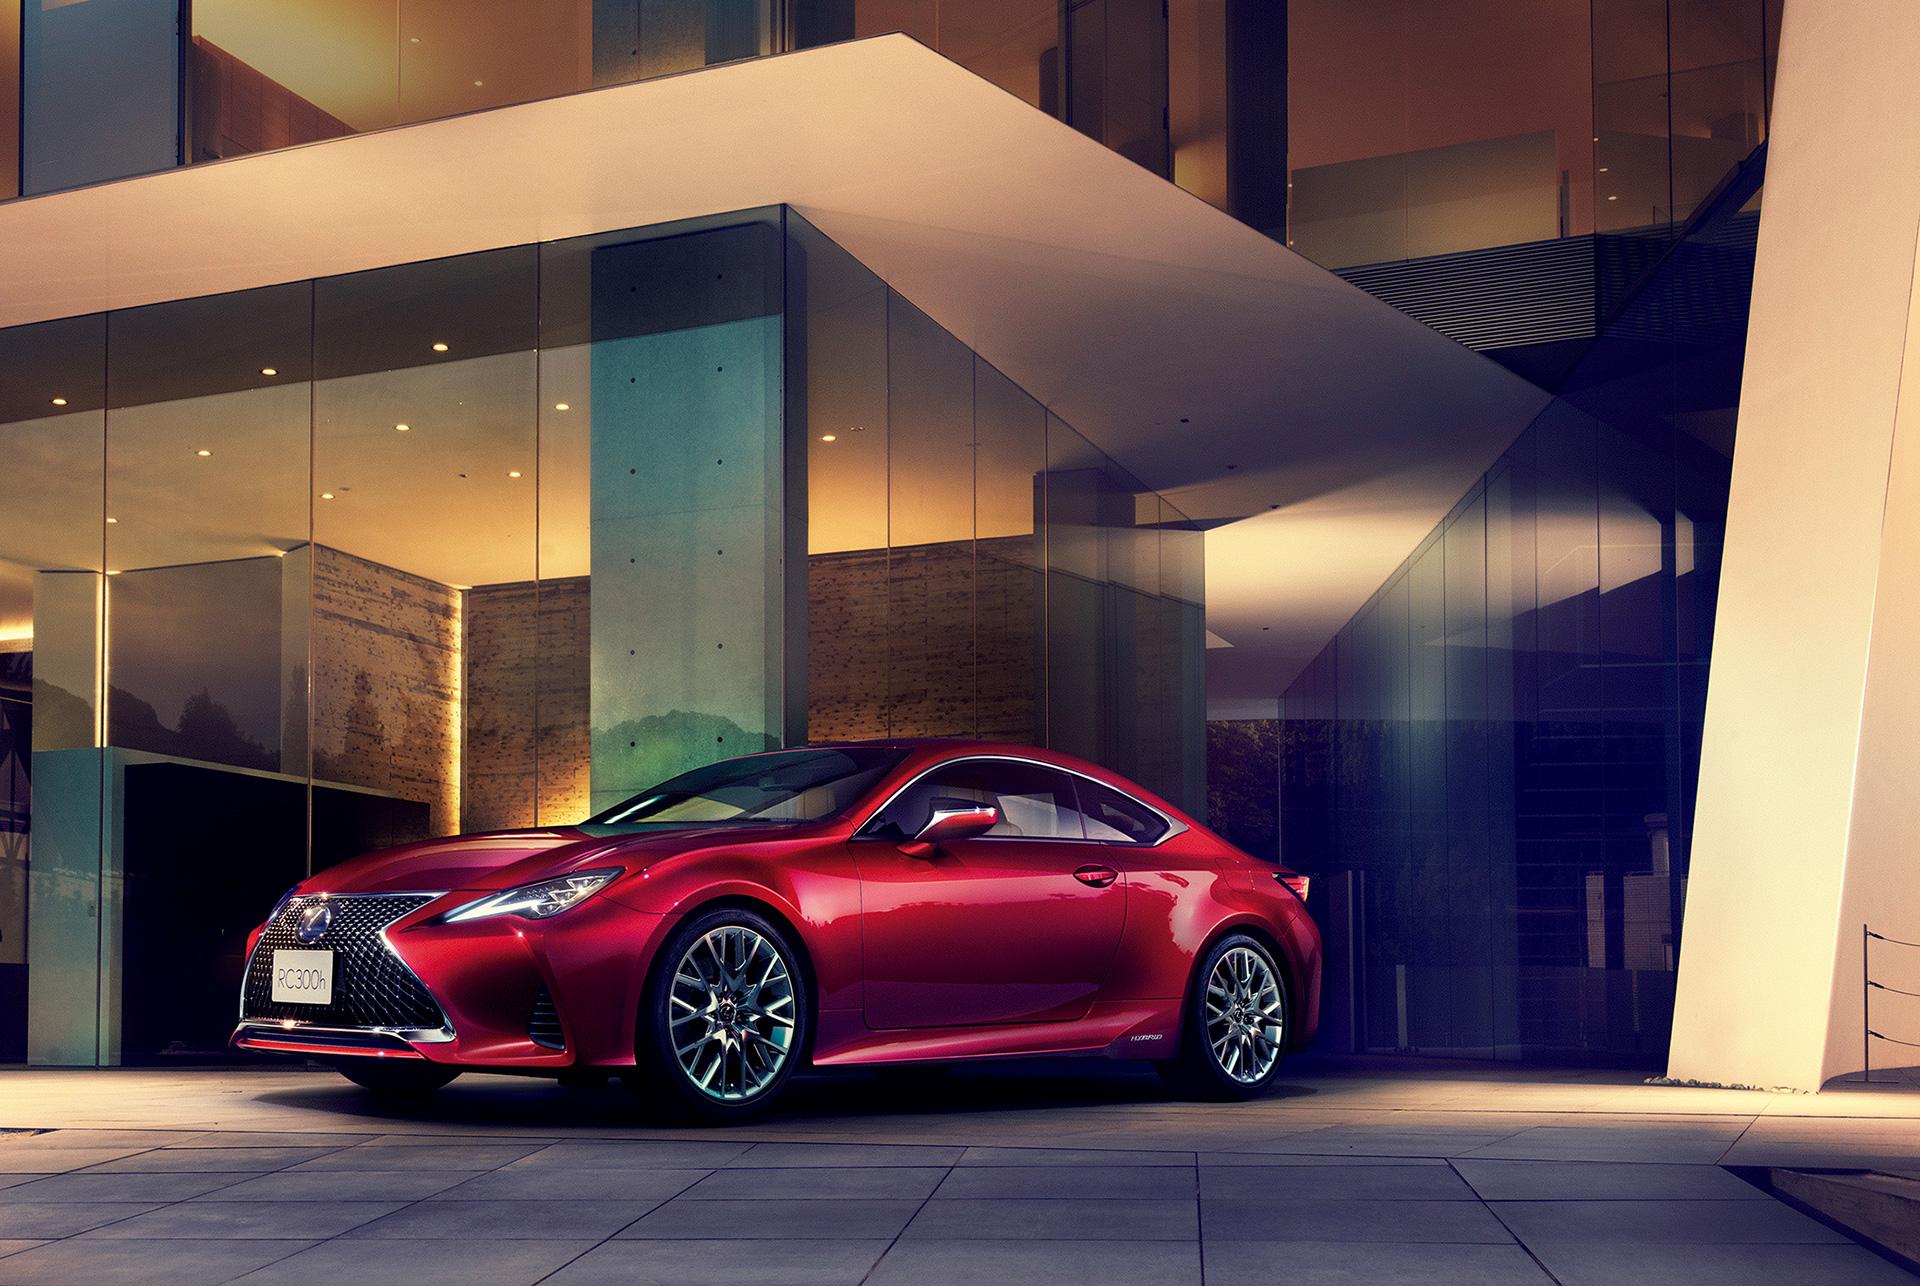 「【新車】レクサスRCがマイナーチェンジ。LC譲りのエレガントな外観と高い走行性能を獲得」の11枚目の画像